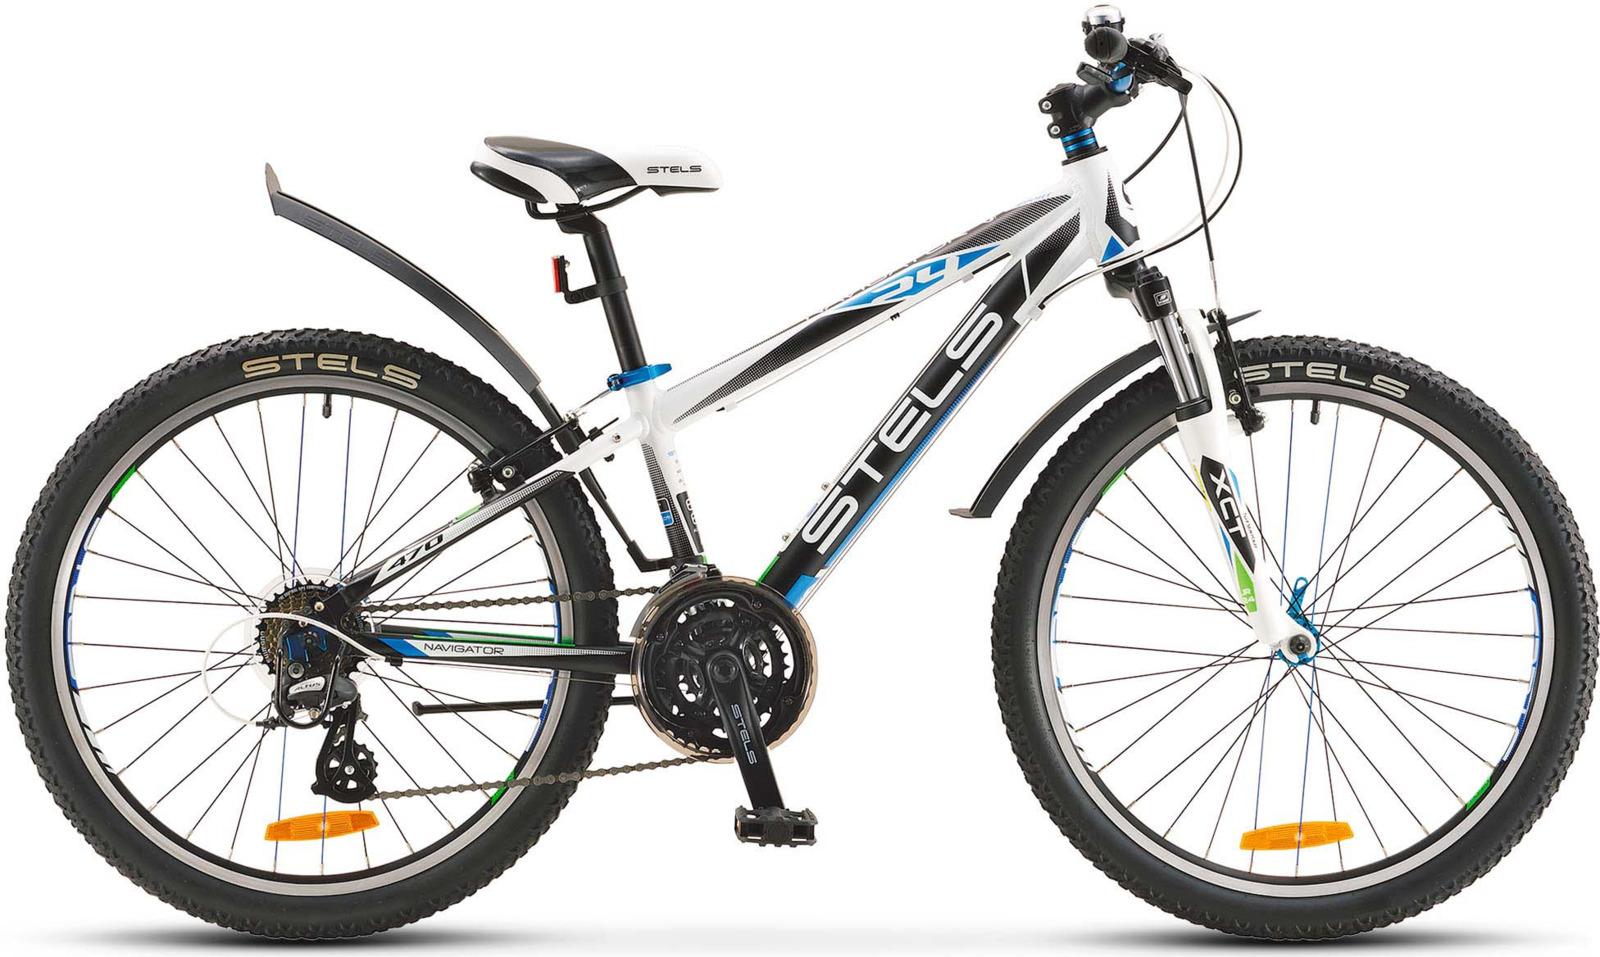 Велосипед Stels Navigator-470 V 12, LU070602, черныйLU070602Navigator - этоскоростной горный велосипед начального уровня. С помощью Stels Navigator ваш ребенок сможет освоить велосипед, который максимально приближен по своим характеристикам к взрослым моделям. Перед вами своего рода классический вариант горного байка, который предназначен для тех подростков, которые ищут в своем велосипеде нечто большее, чем привычные катания по городским улицам